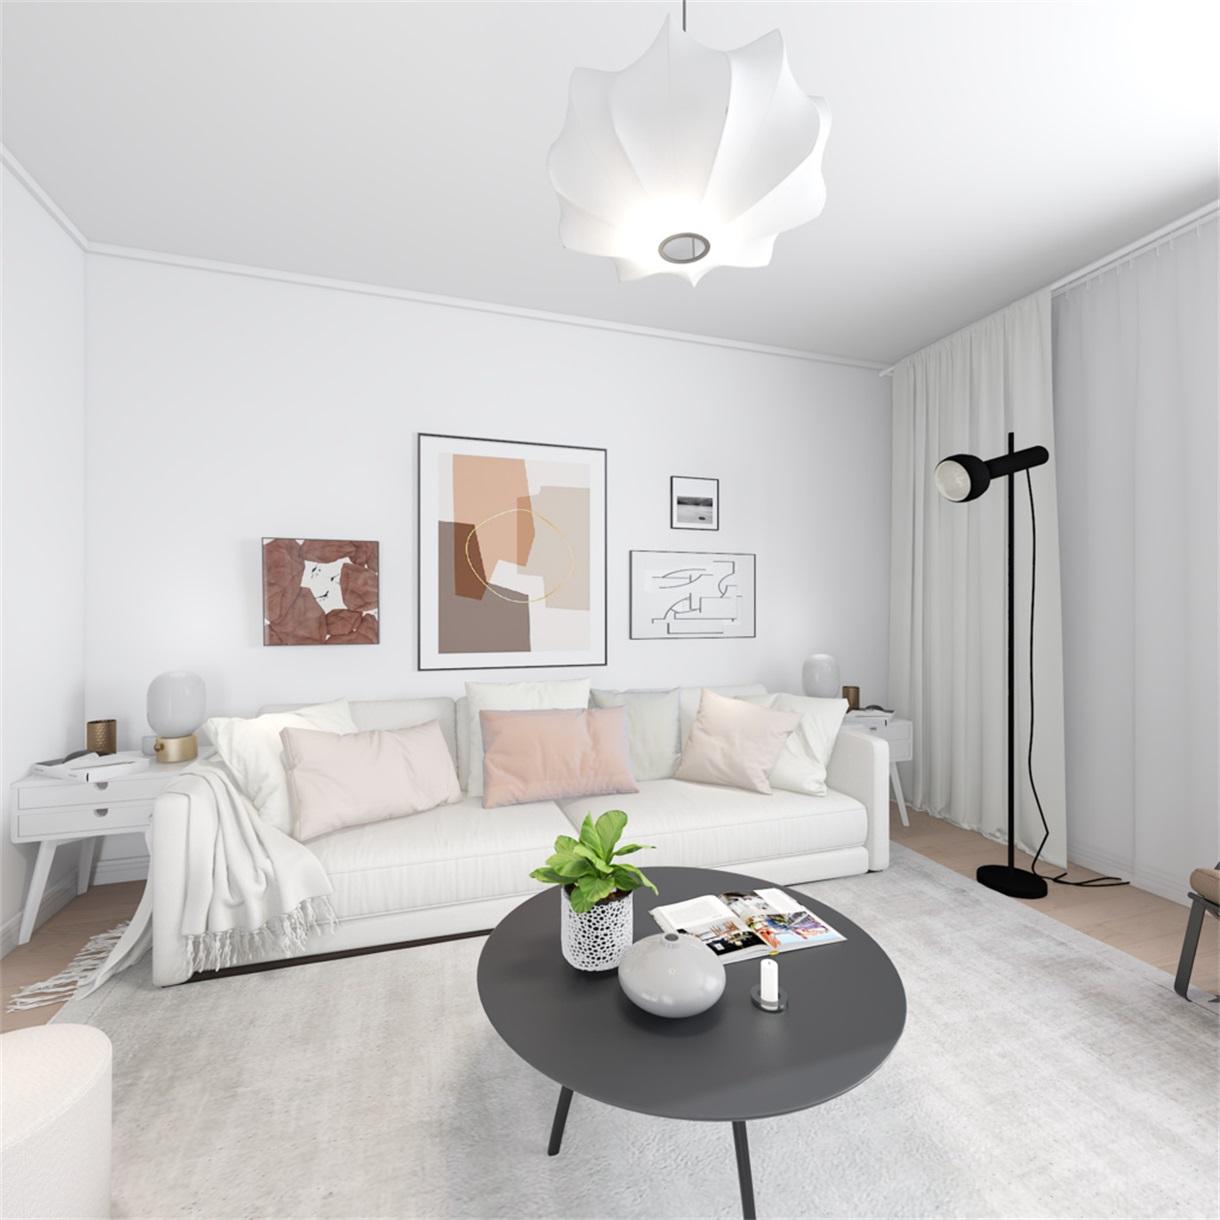 小户型家具如何选择?既要满足生活需要,又要提高居住舒适度